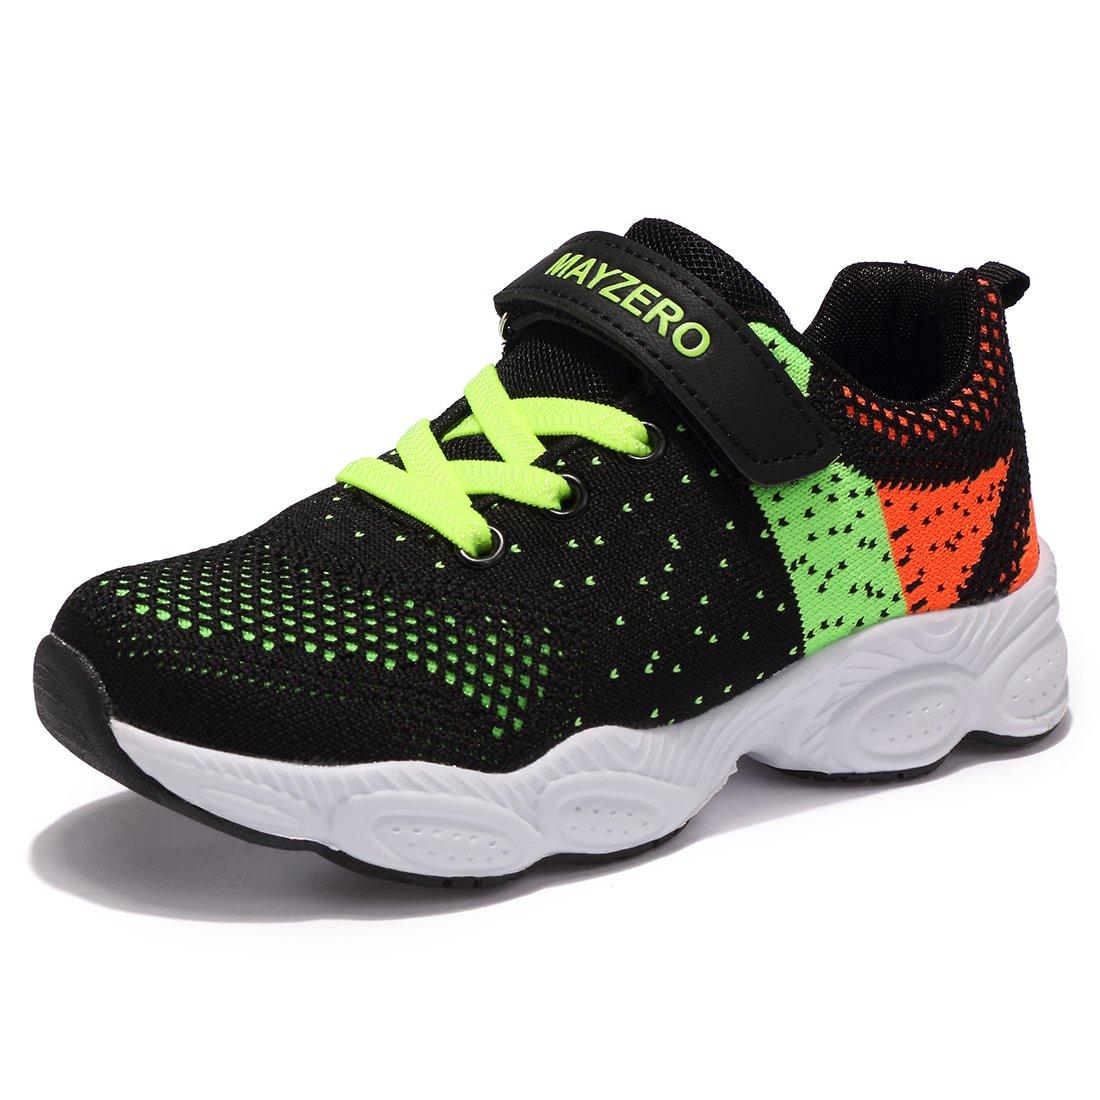 Chaussure de Sports Basket Mixte Enfant Tennis Running Basses Mesh Sneakers pour Fille Garcon